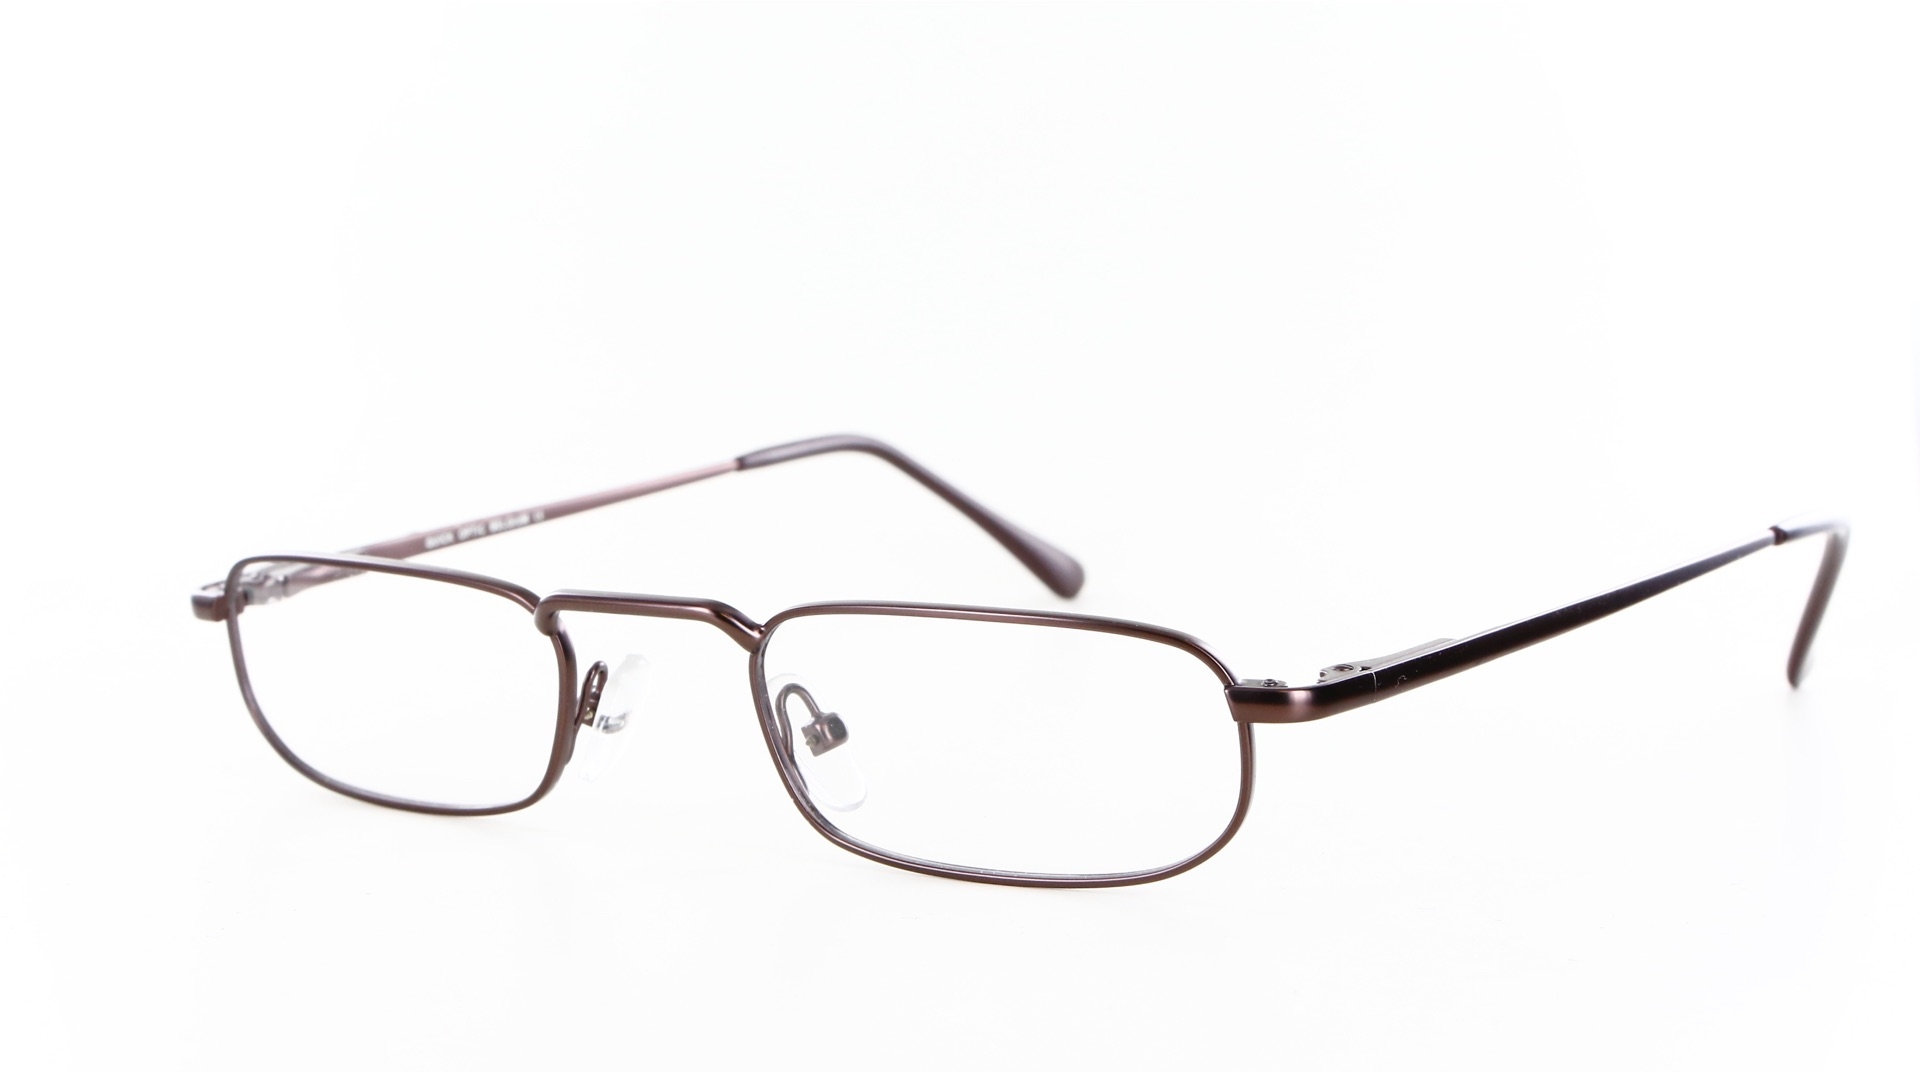 Q Frames - ref: 59709